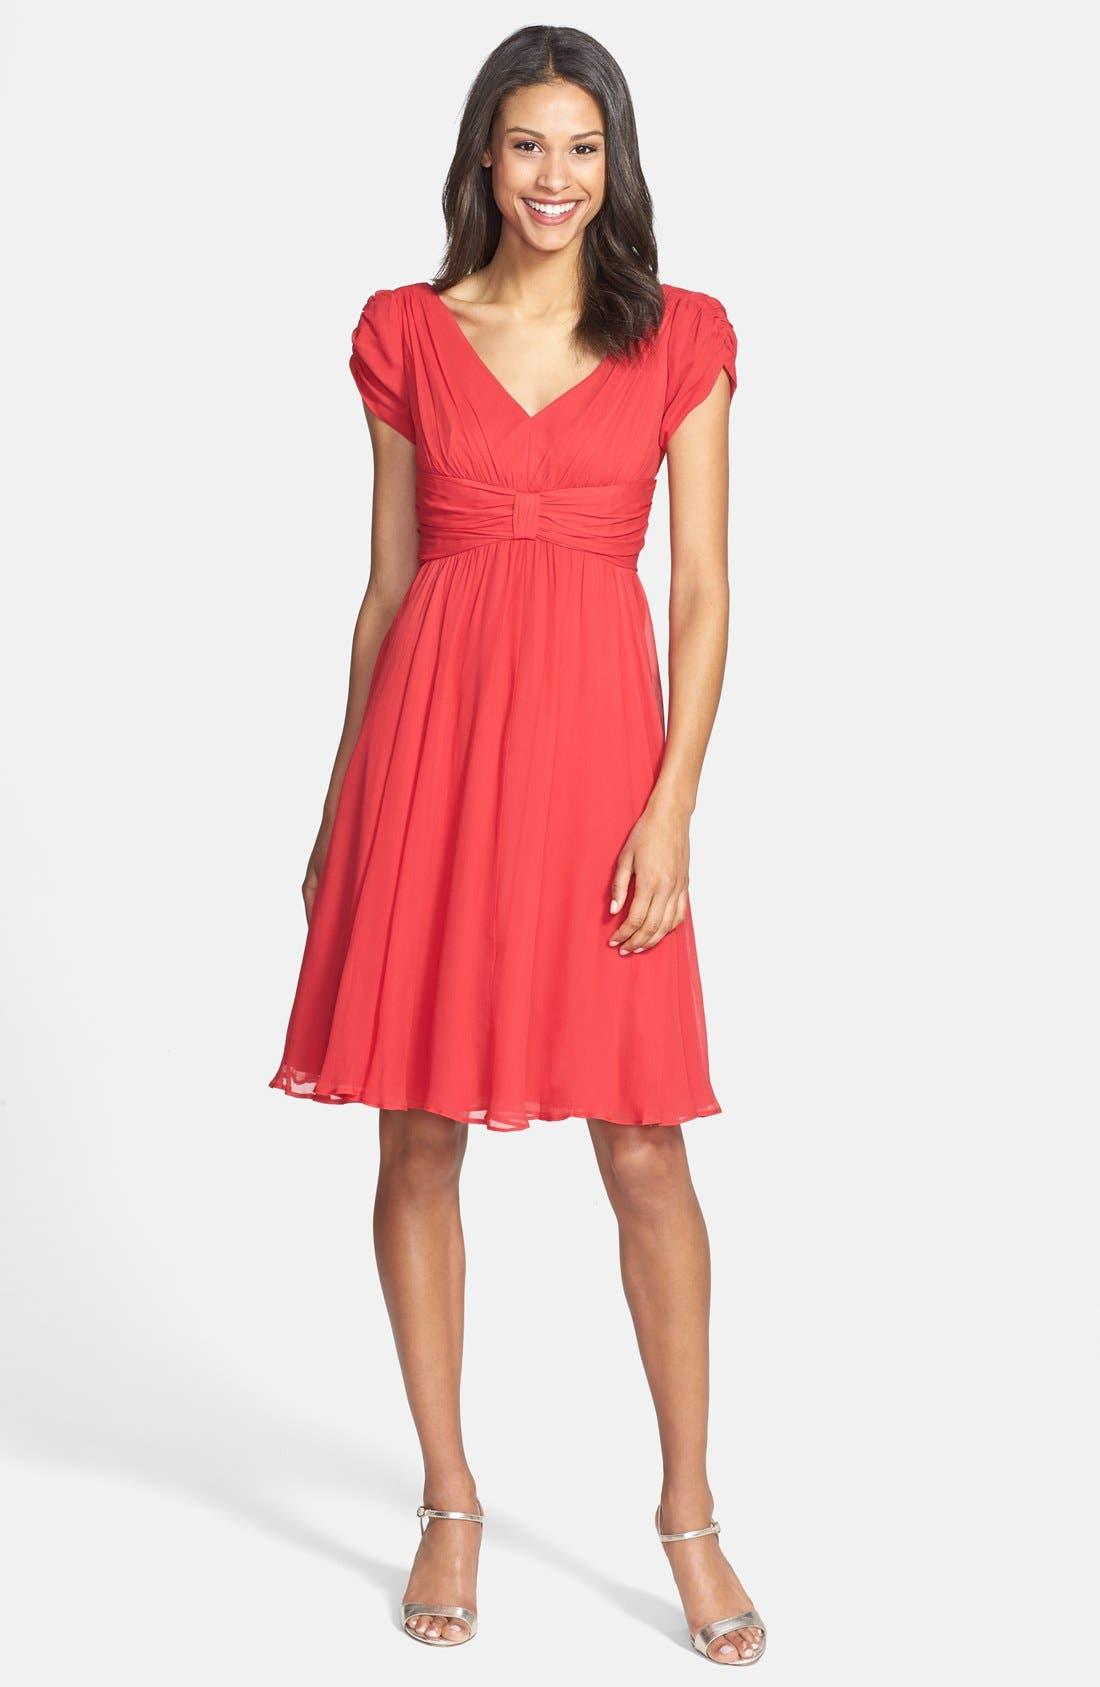 Main Image - Ivy & Blu Front Knot Chiffon Dress (Petite)